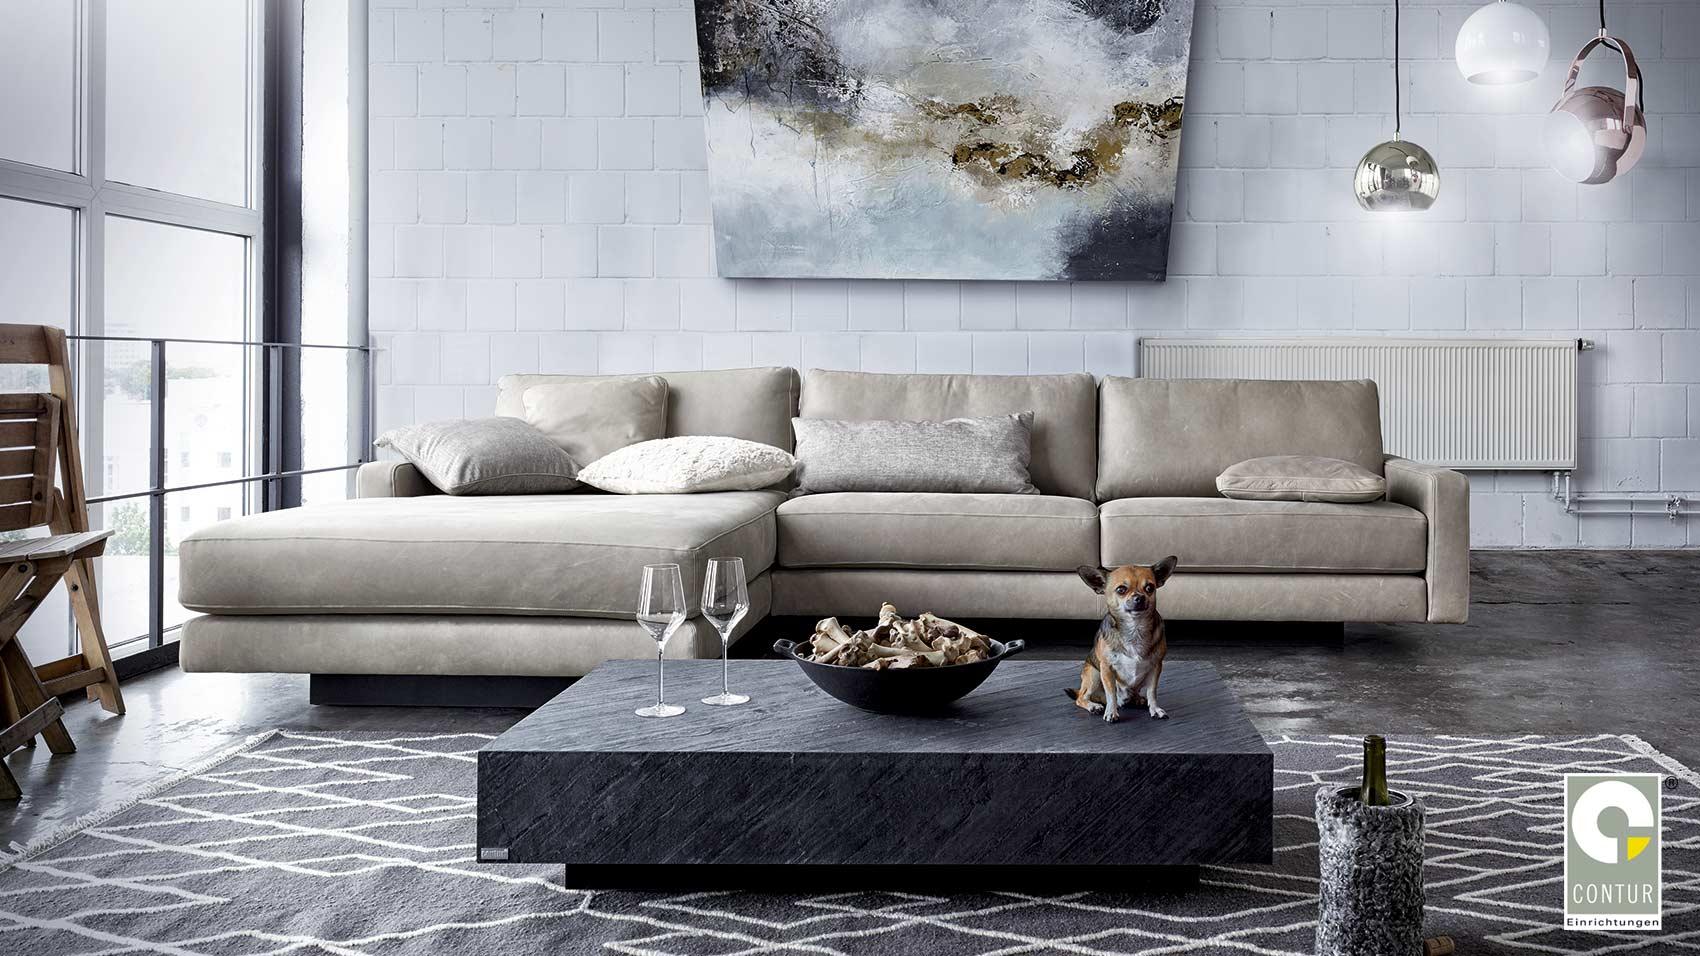 contur einrichten nahe erfurt weimar jena m bel u k chen by land blankenhain. Black Bedroom Furniture Sets. Home Design Ideas